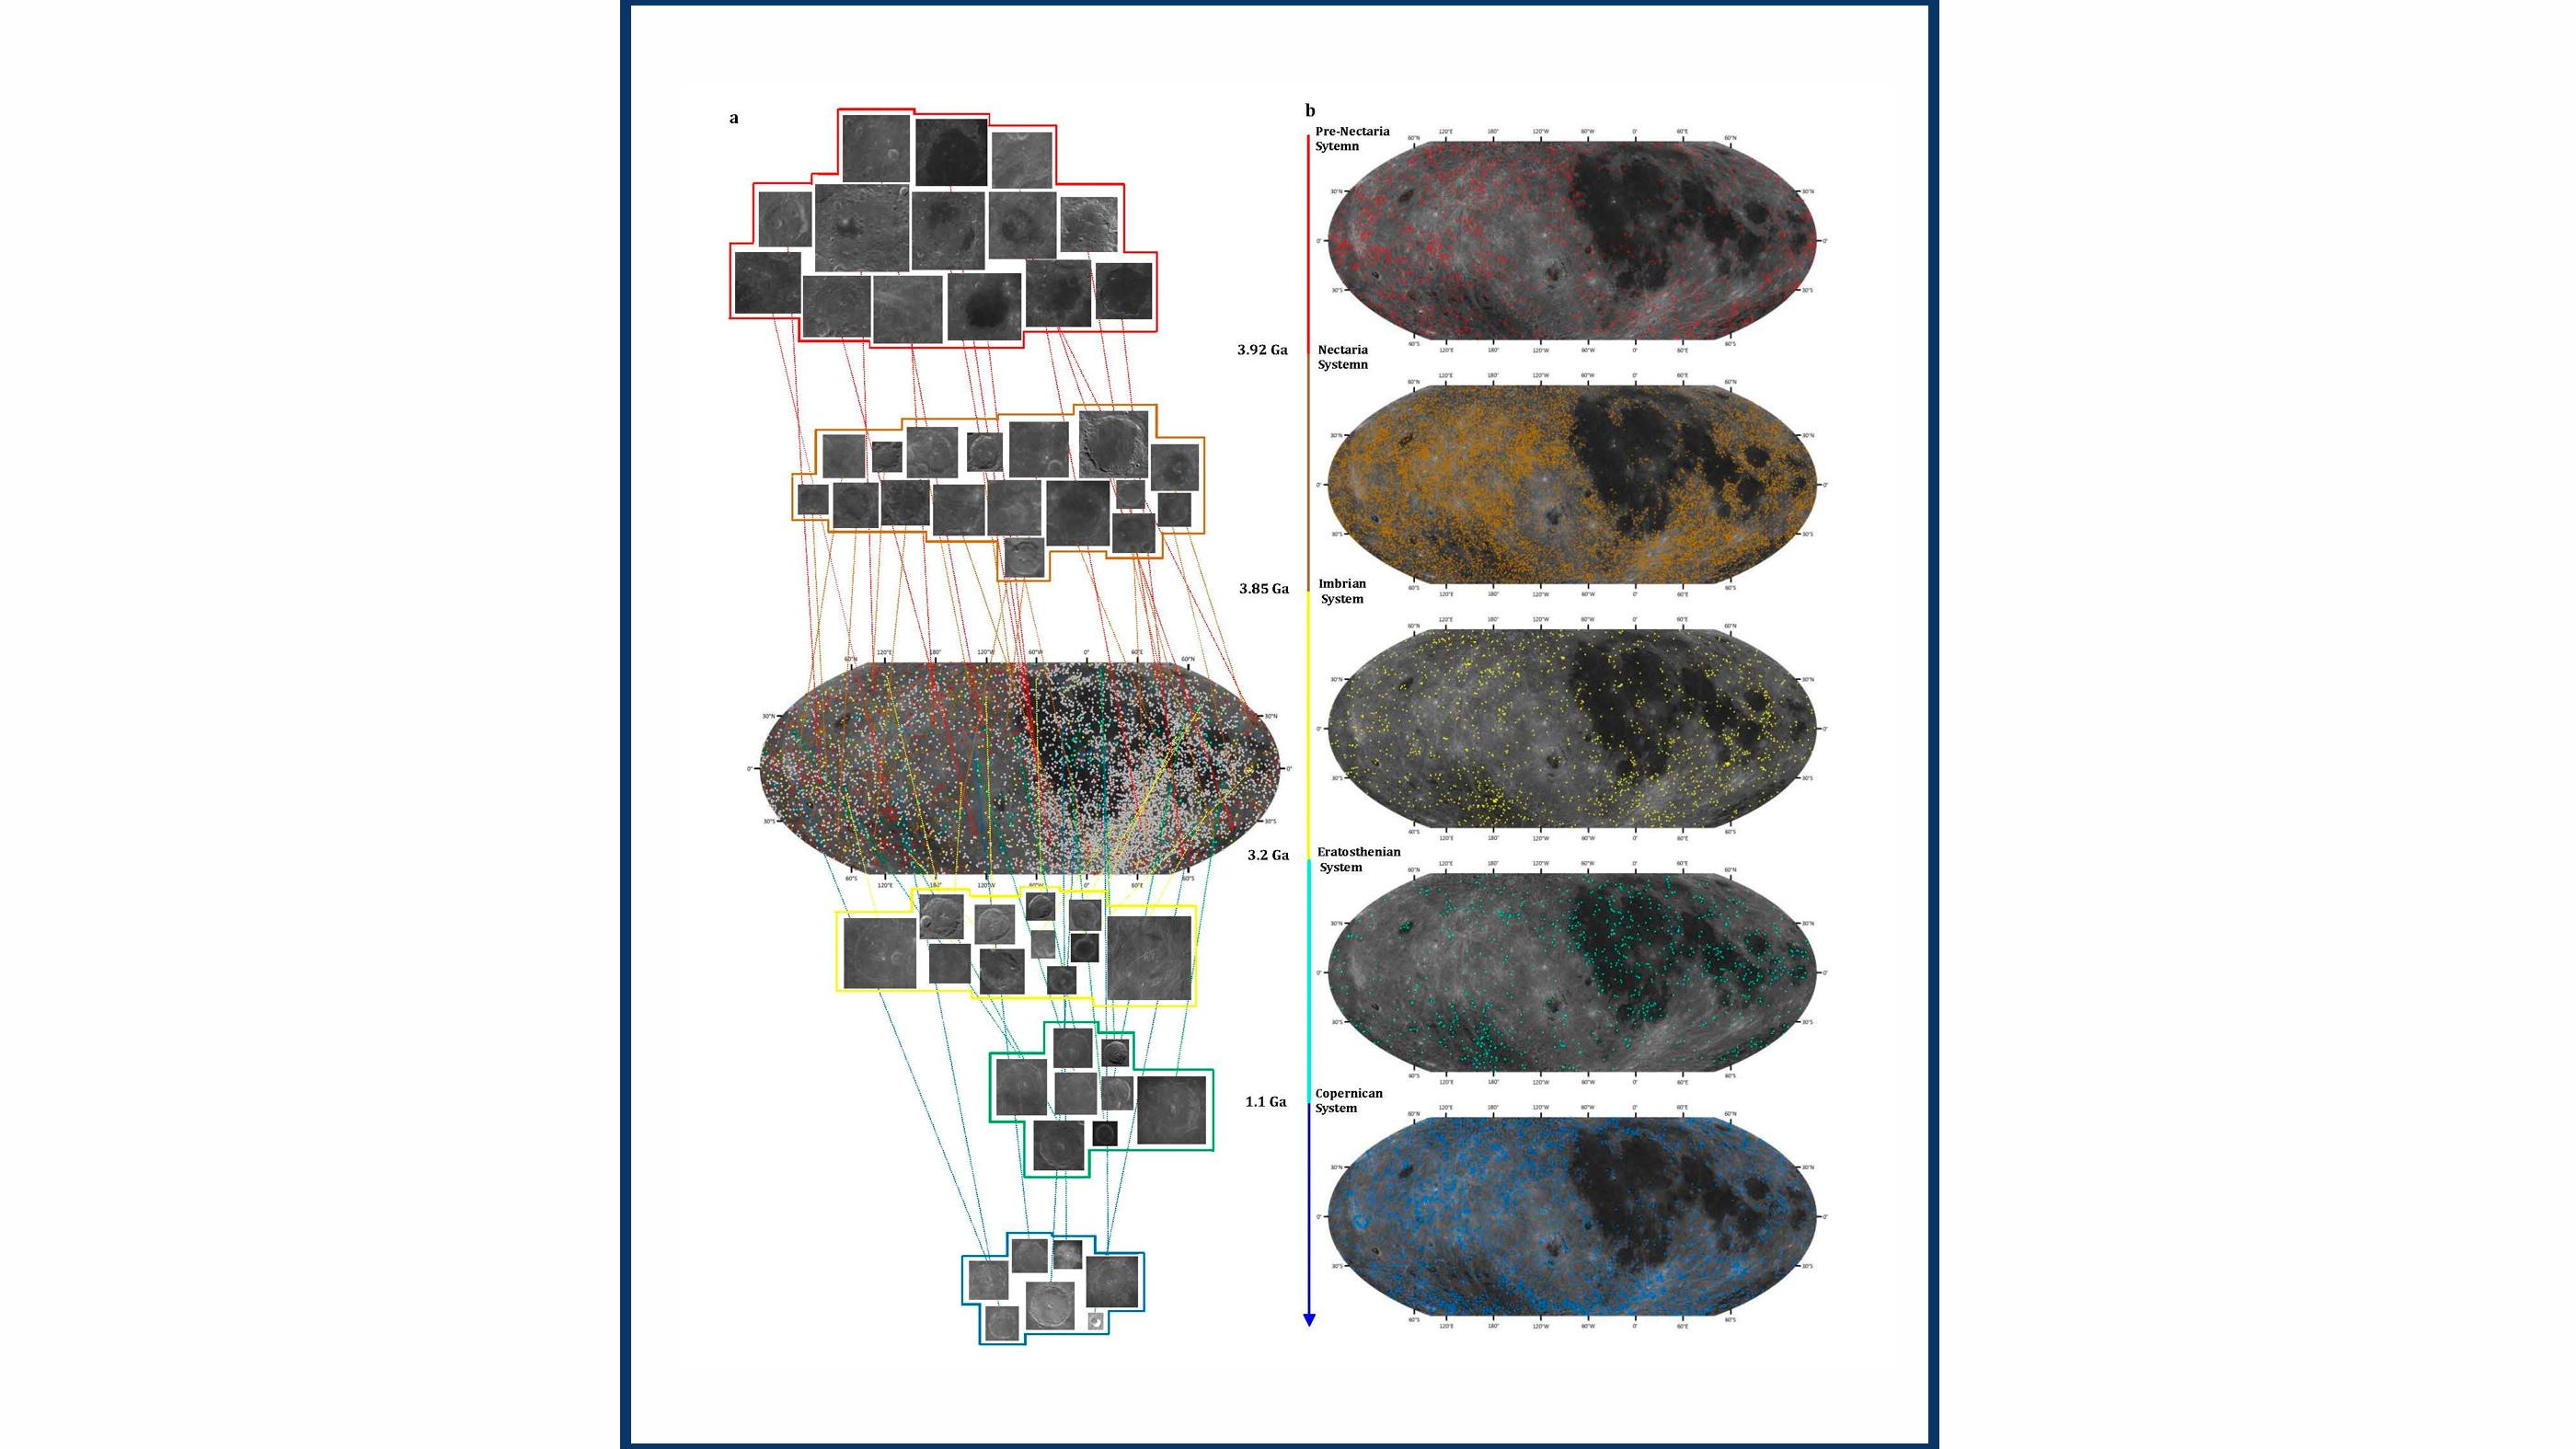 Une carte de tous les cratères de la nouvelle lune selon leur période géologique